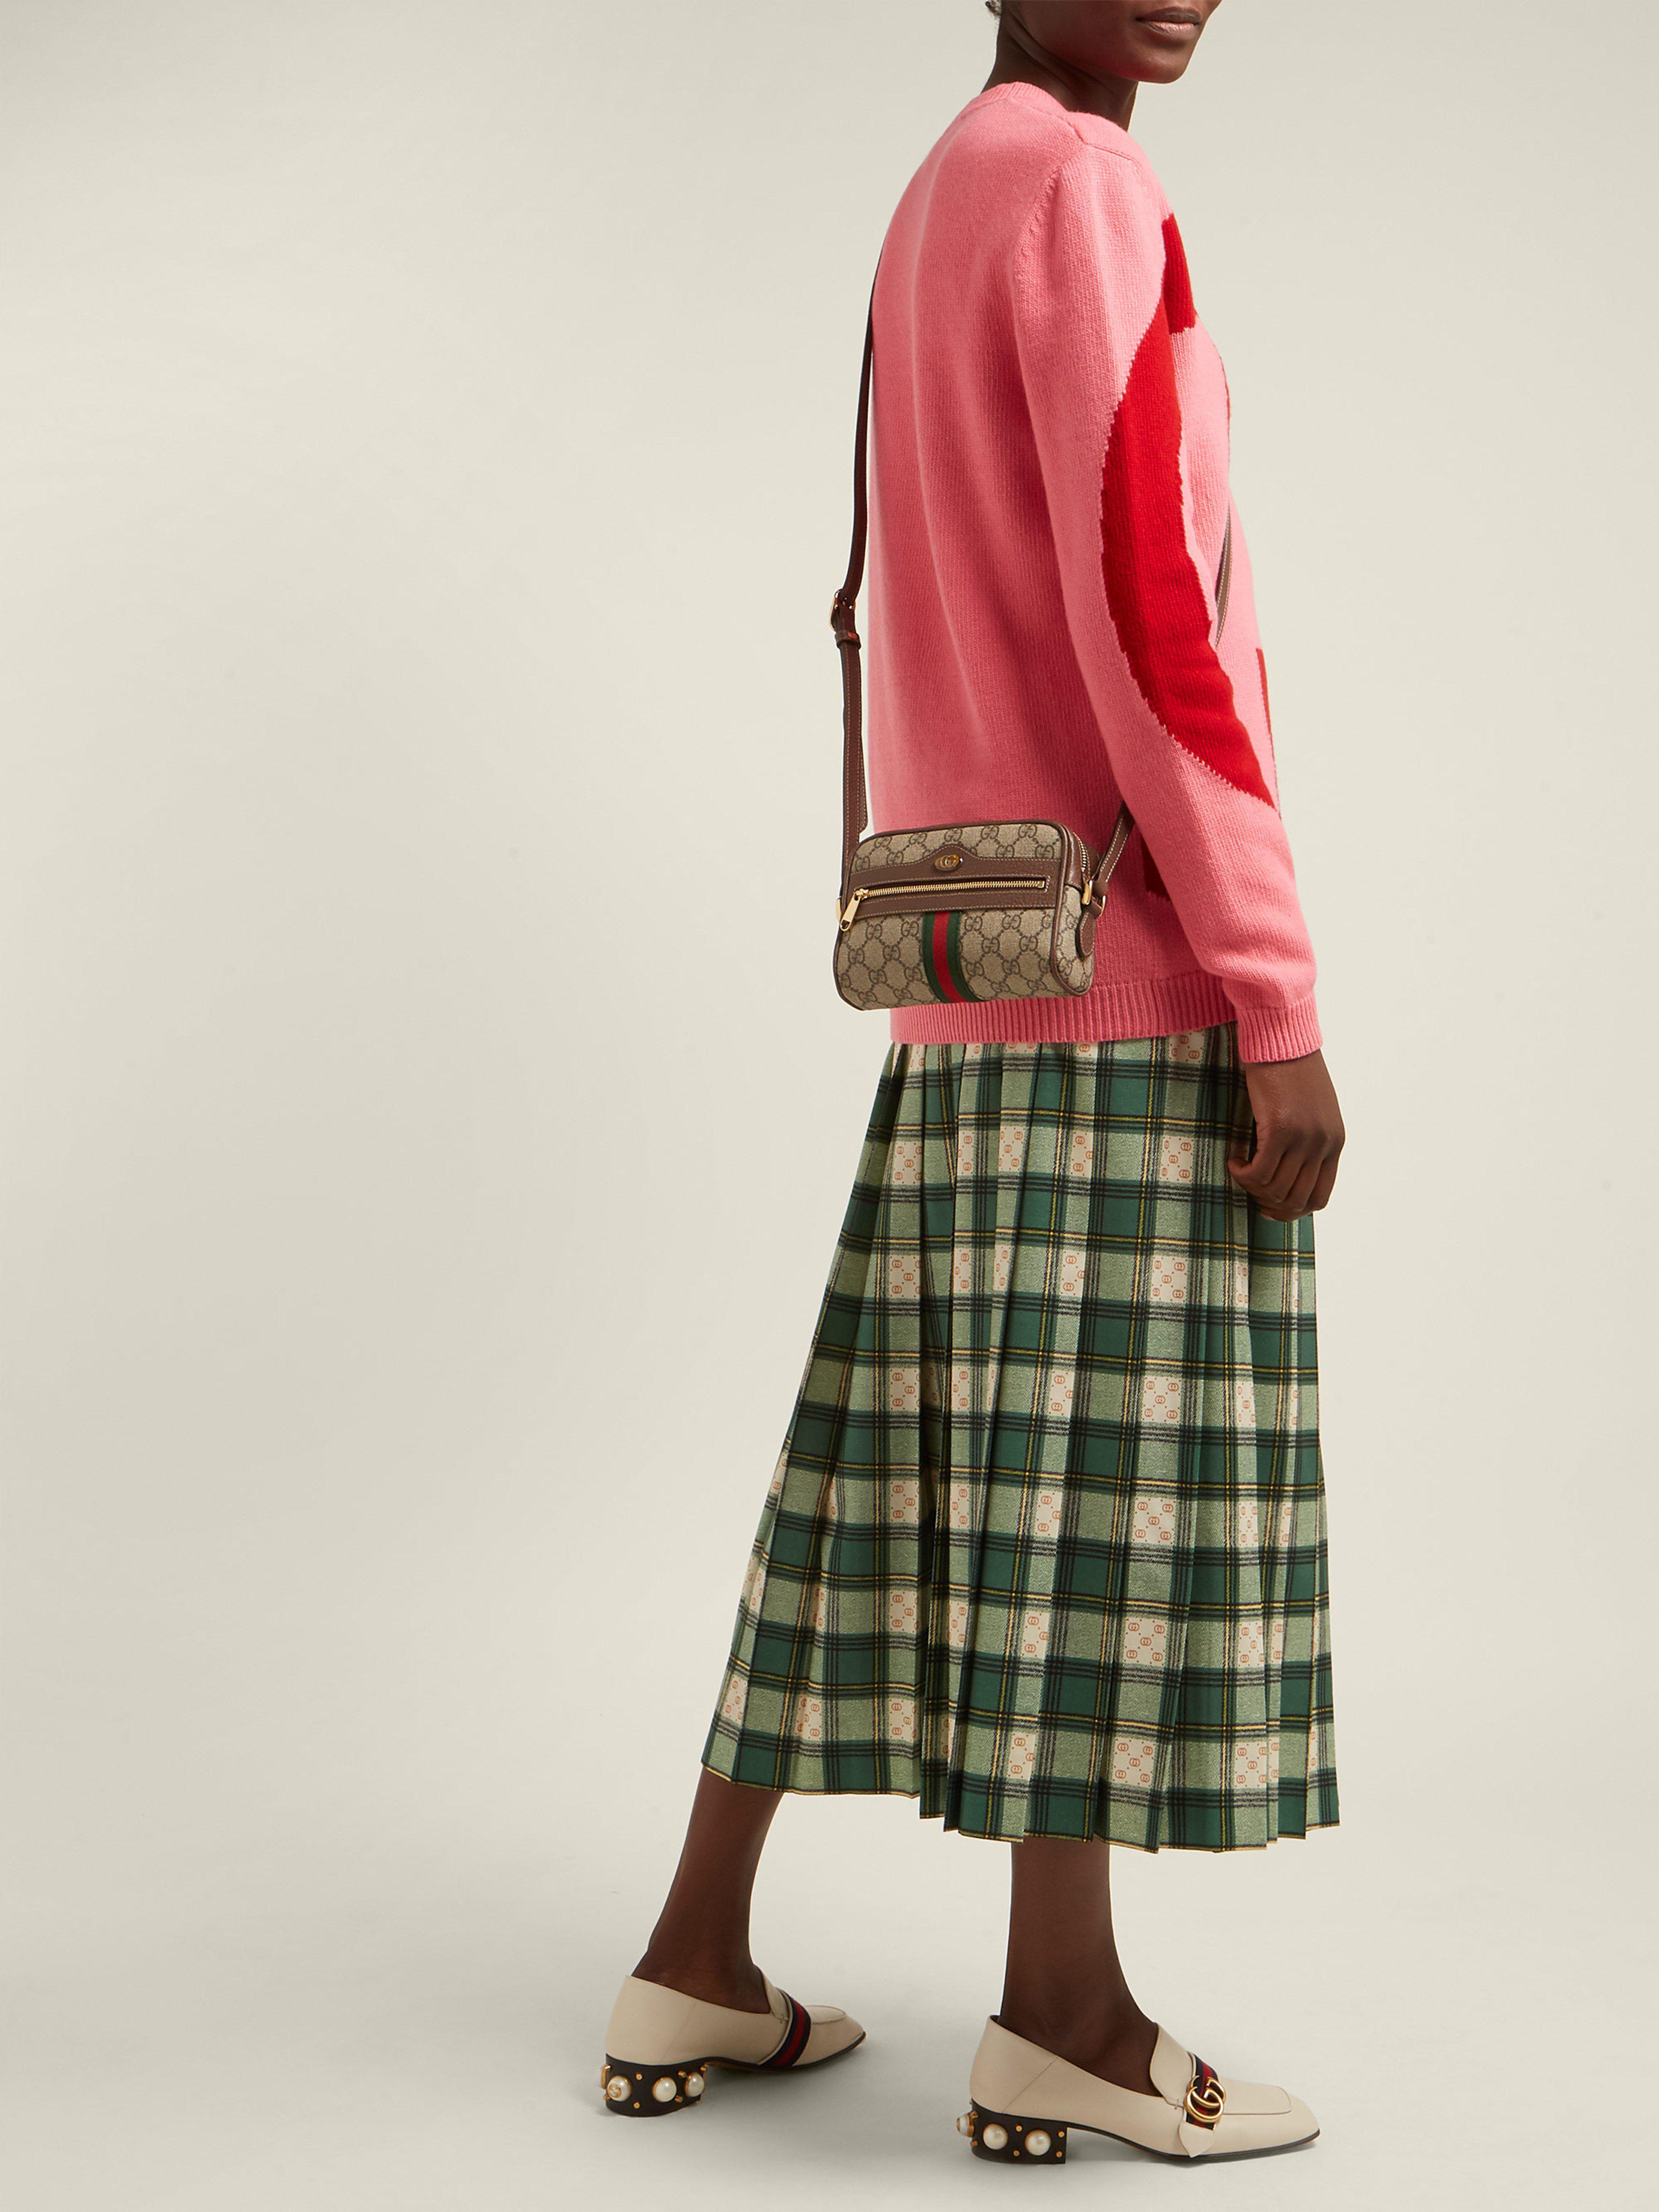 822c5f4569f0 Gucci Ophidia Gg Supreme Cross Body Mini Bag in Gray - Lyst